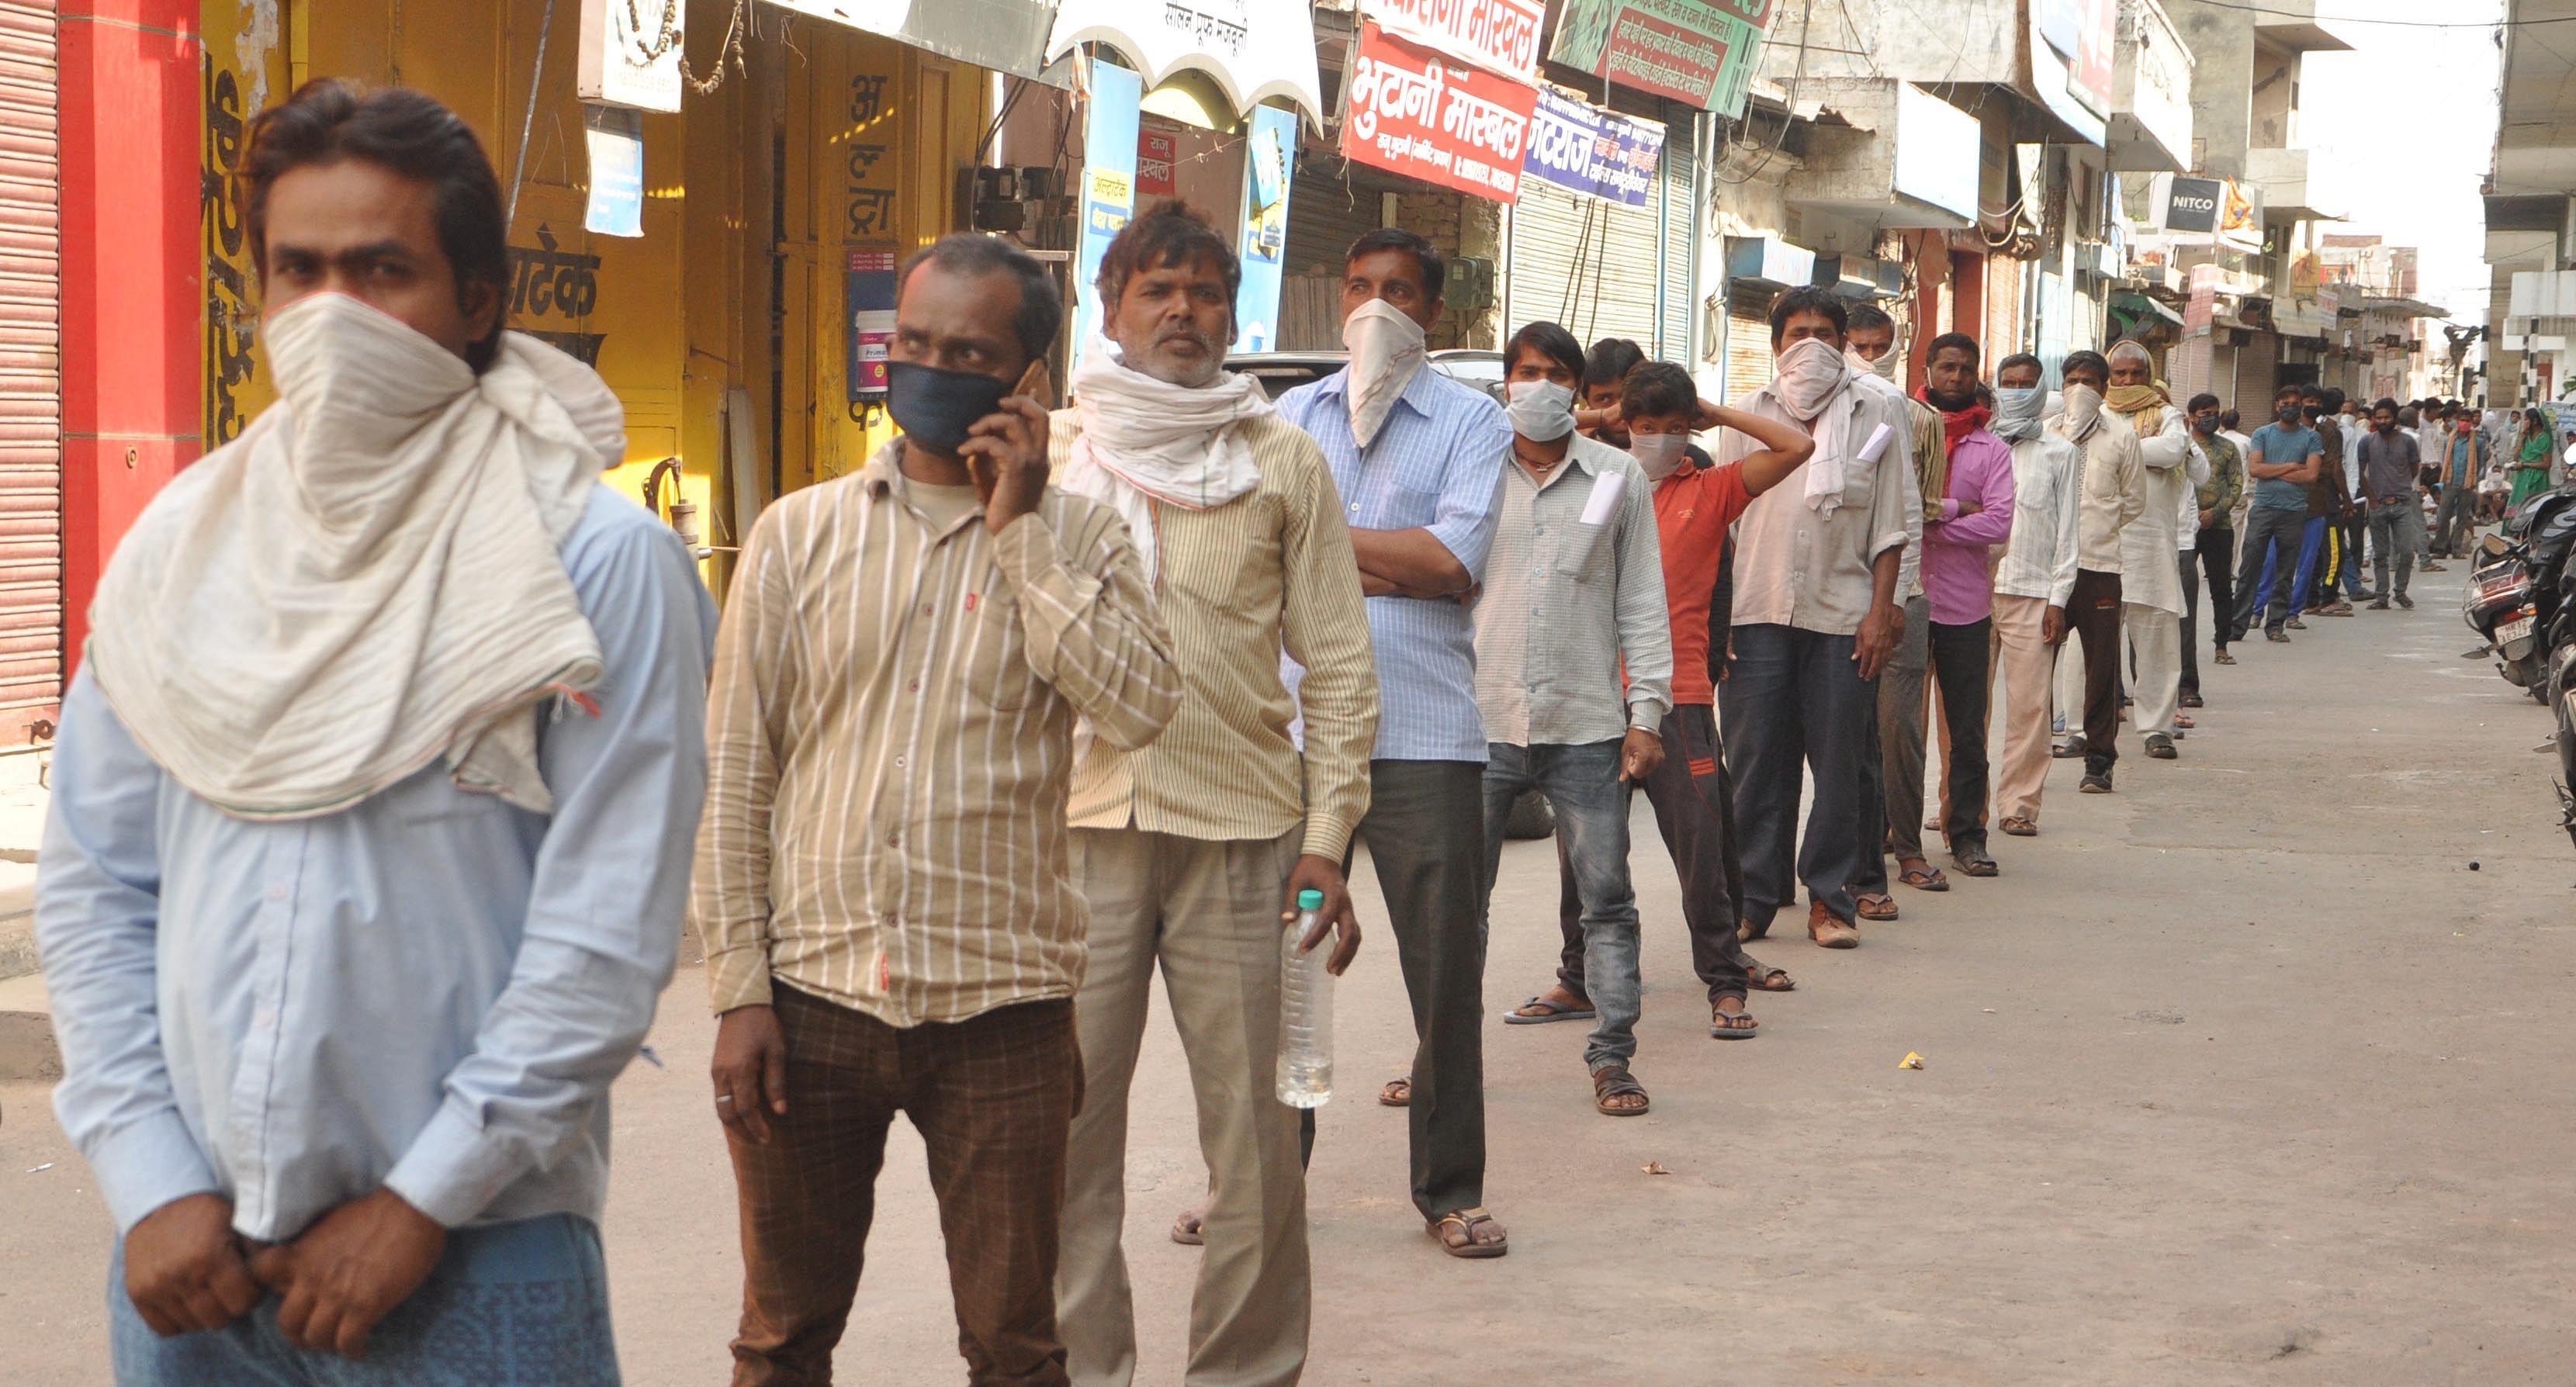 काठमंडी में श्रमिक पंजीकरण कराने को कतार में खड़े हुए।